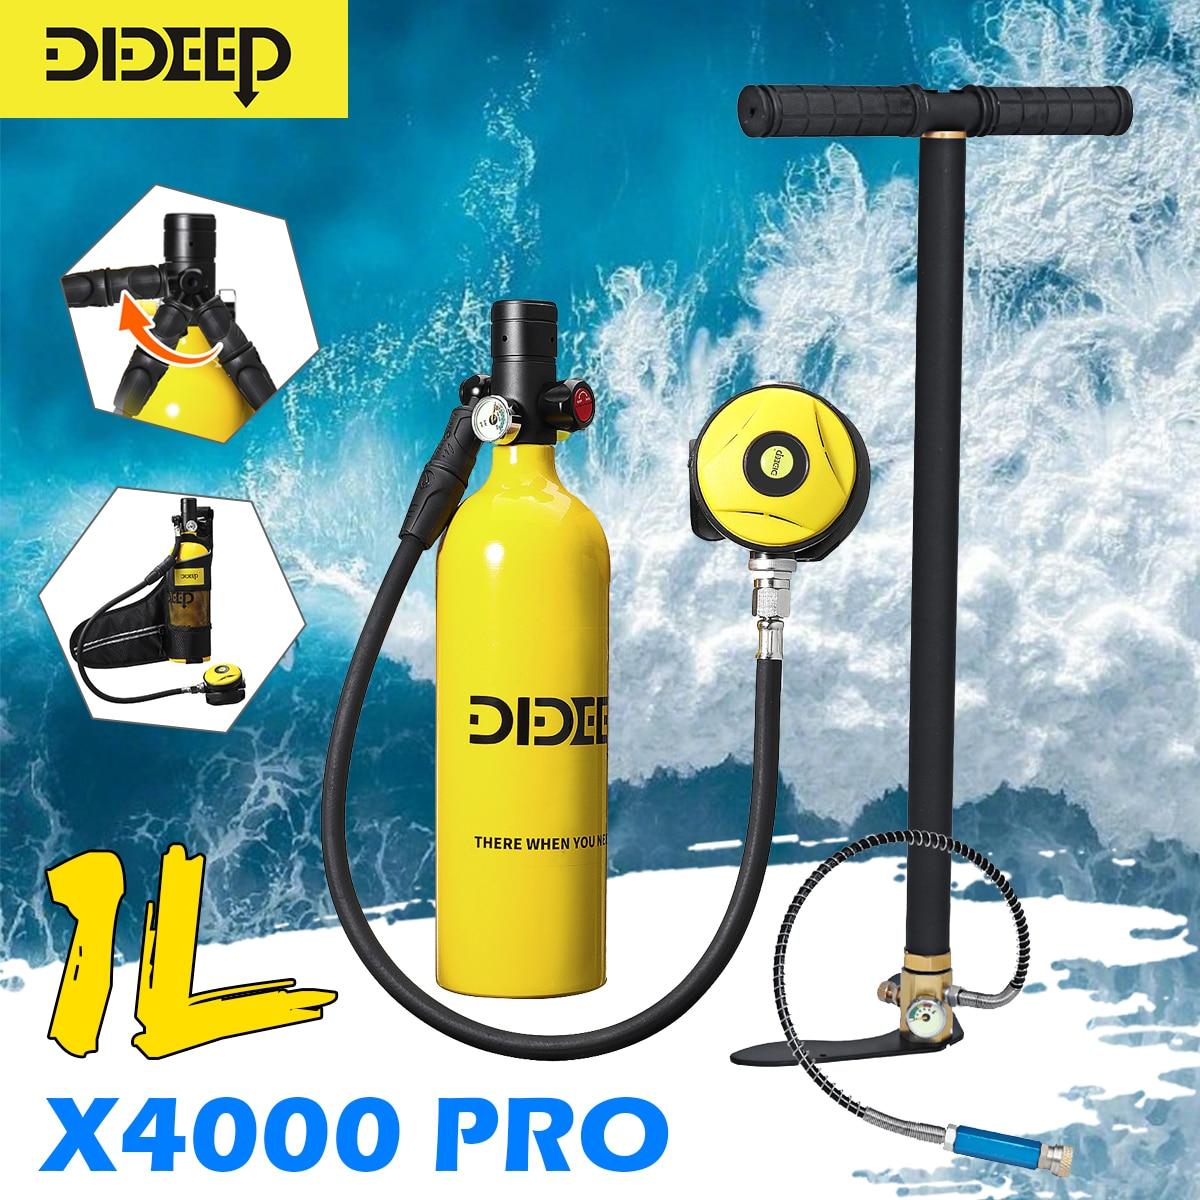 DIDEEP 1L мини цилиндр для подводного плавания кислородный бак набор для ныряния респиратор Воздушный бак ручной насос для подводного плавания...